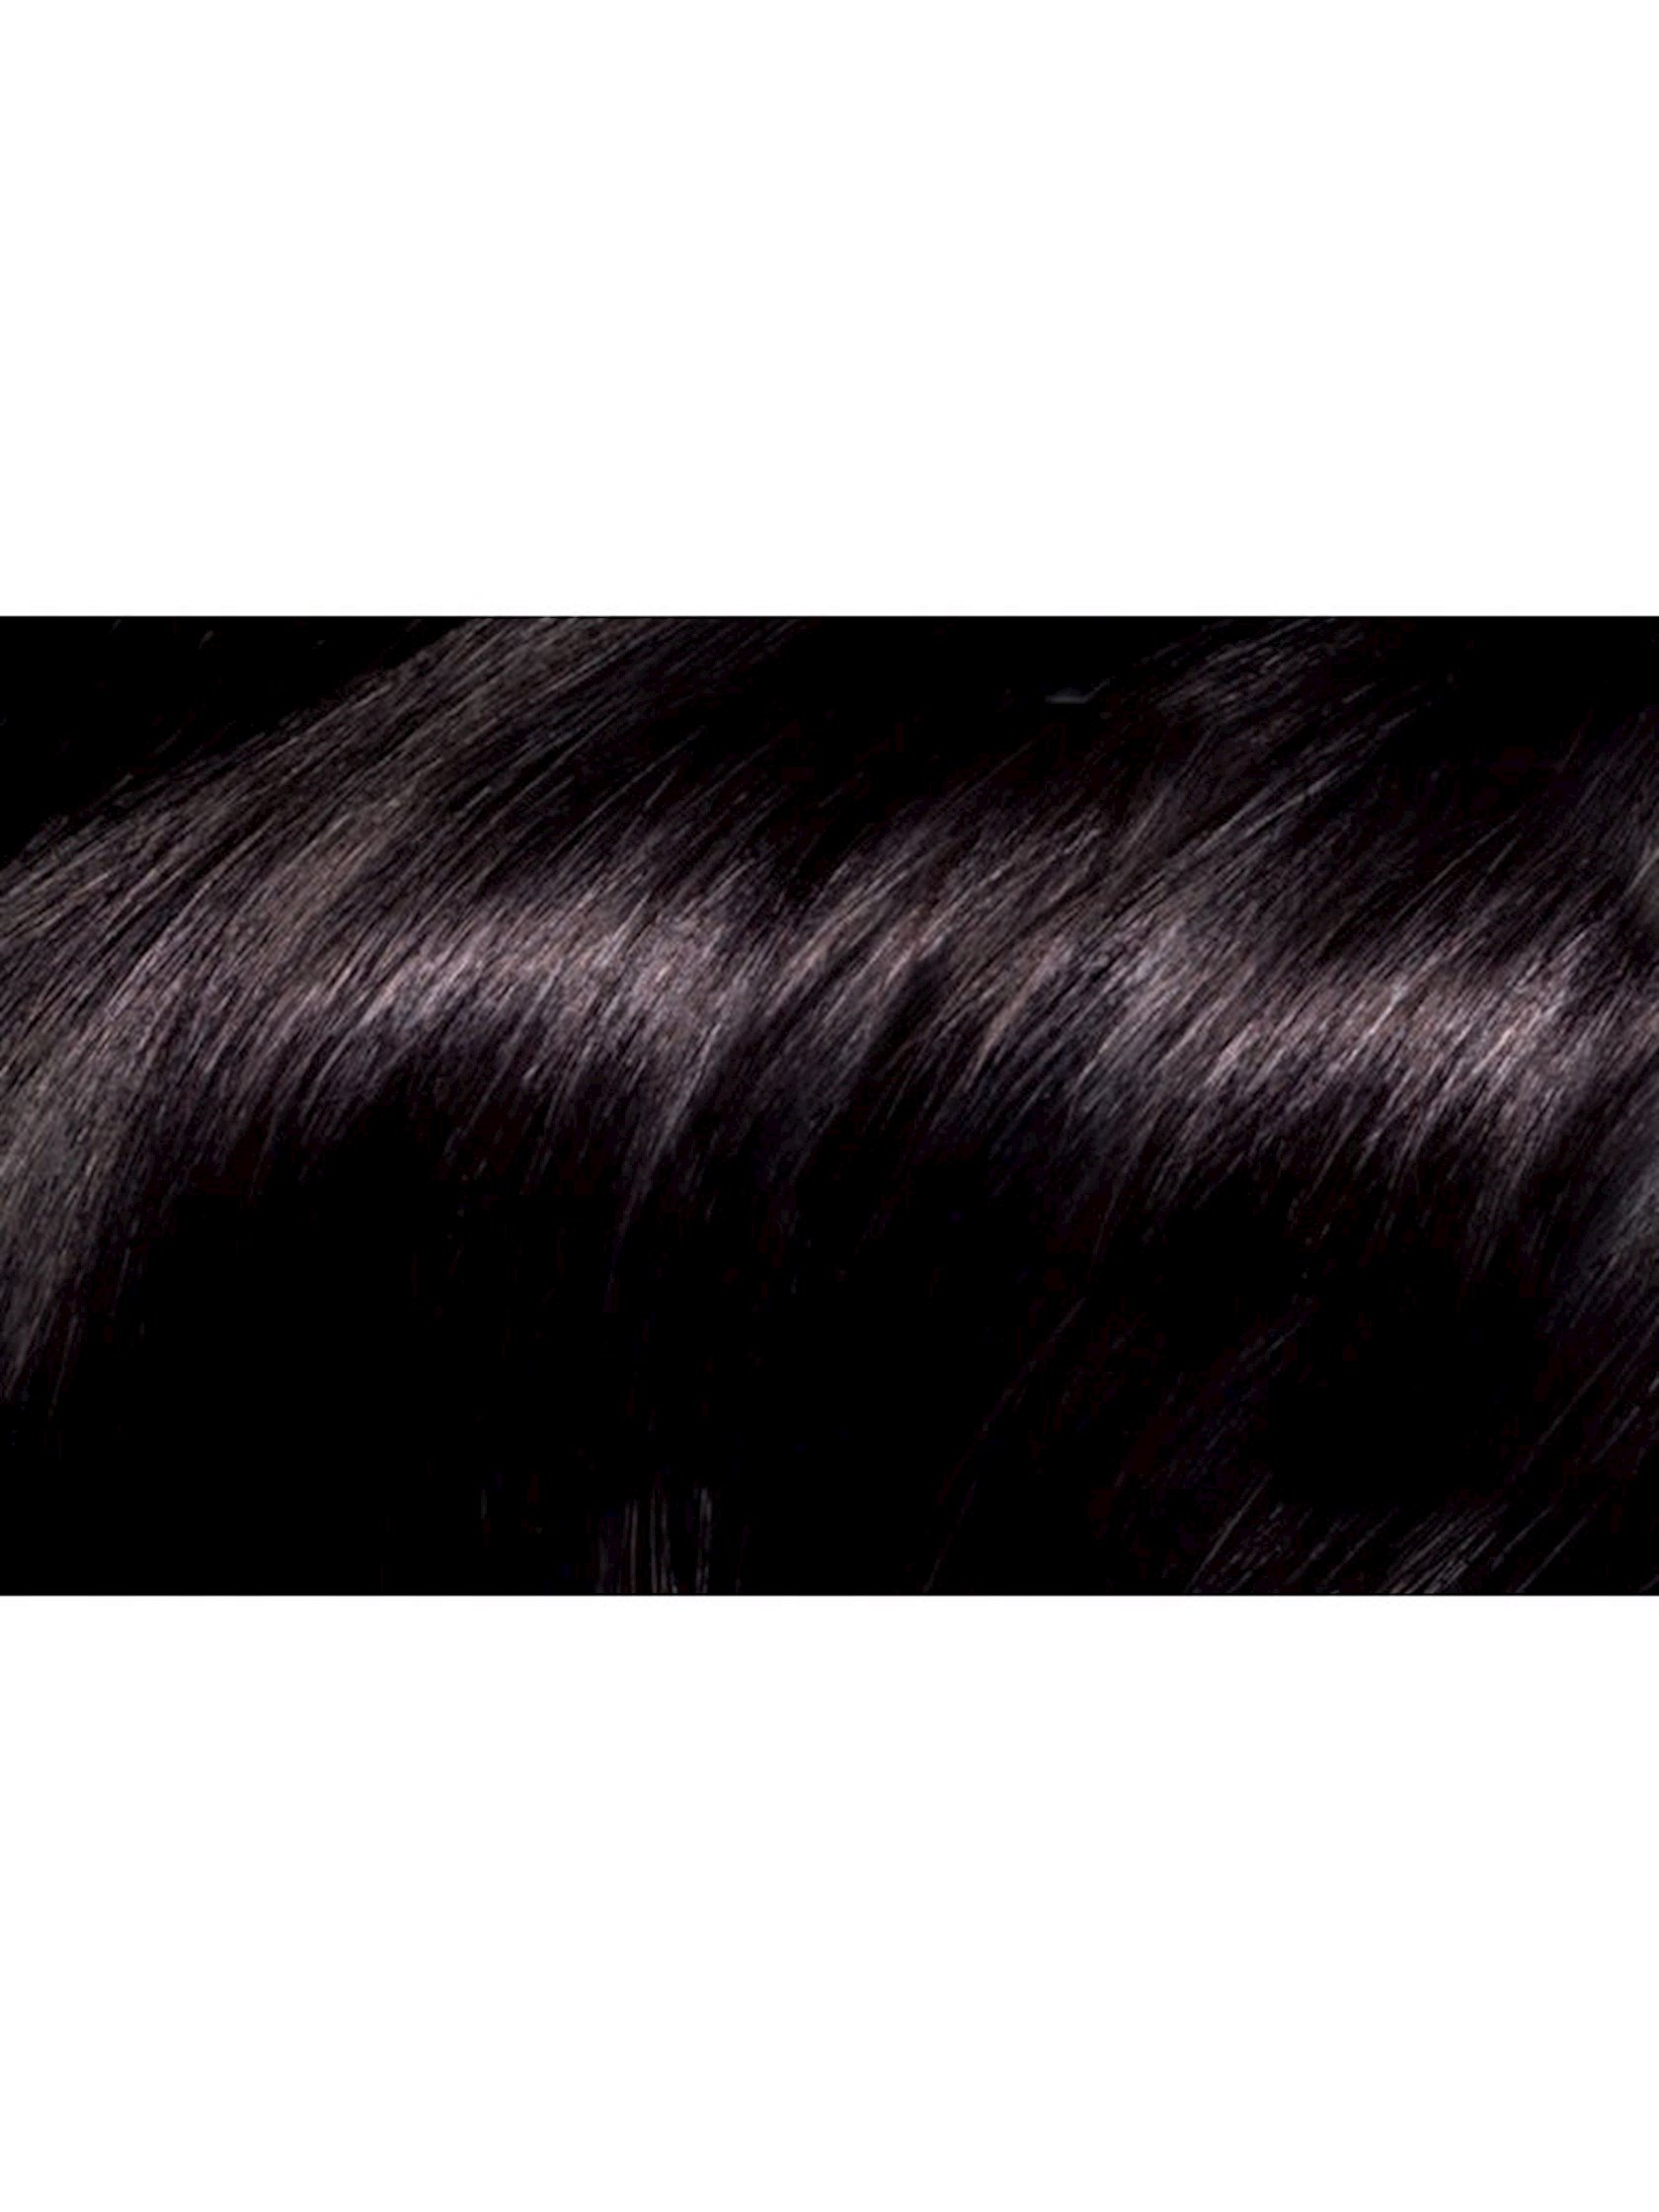 Saç üçün qalıcı krem-boya L'Oreal Paris Casting Creme Gloss ammonyaksız 200 Qara qəhvə